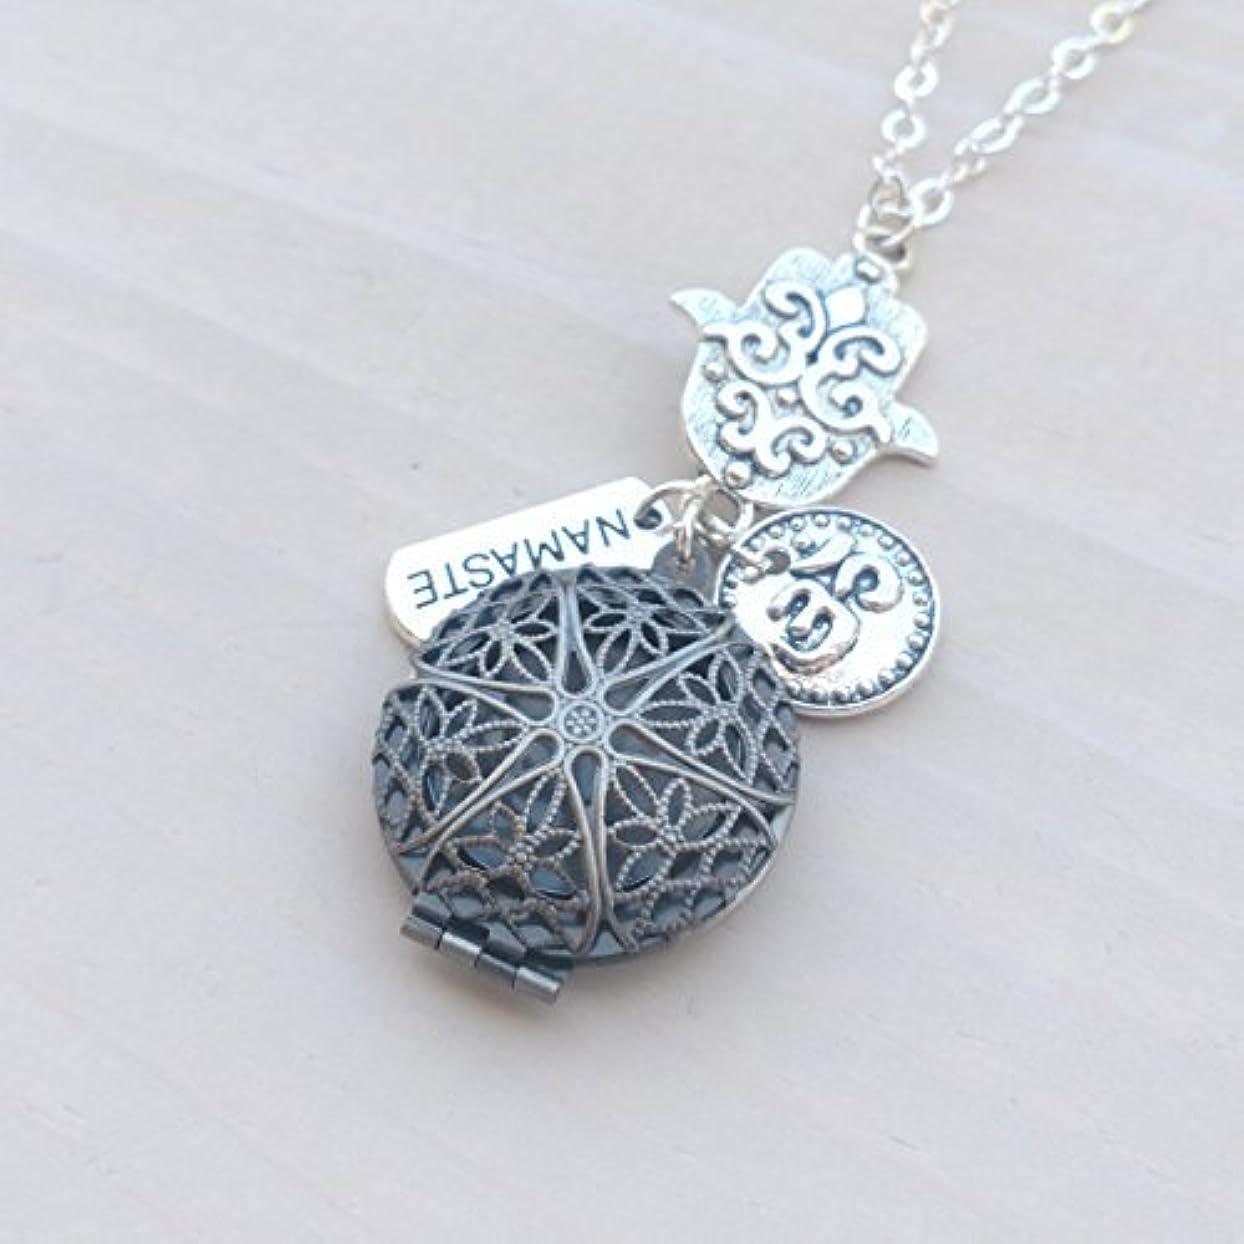 表面デッキ暗殺者Hamsa Namaste and Om Silver-tone Charms Aromatherapy Necklace Essential Oil Diffuser Locket Pendant Jewelry w/...